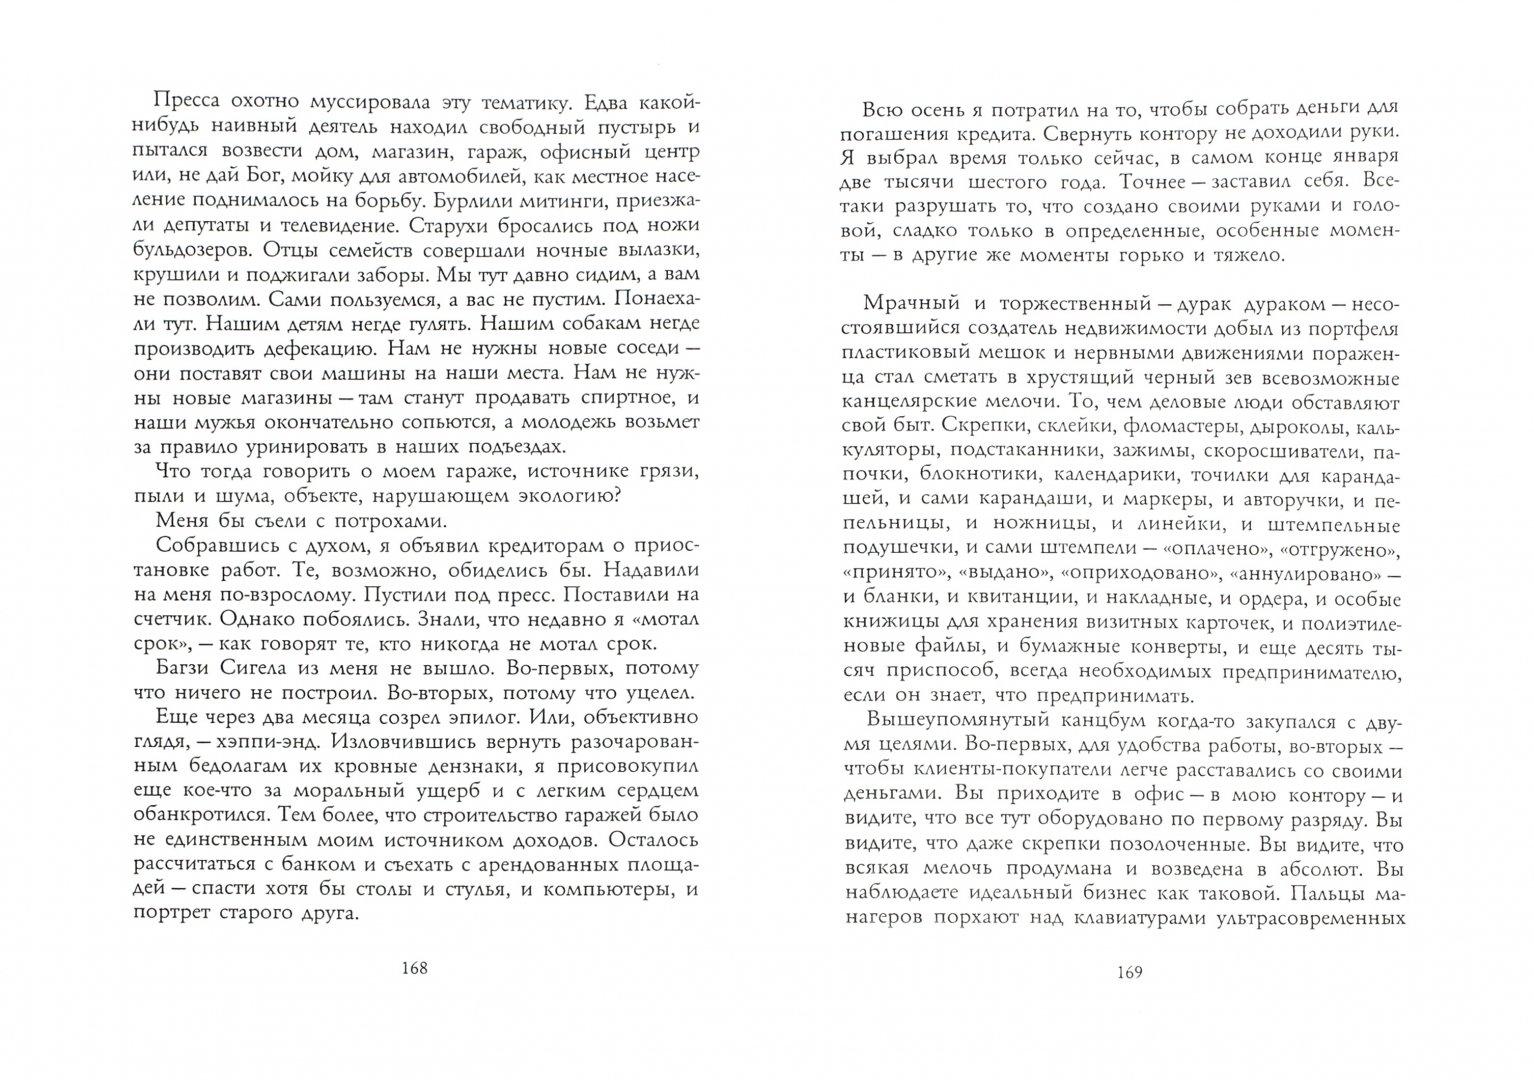 Иллюстрация 1 из 28 для Великая мечта - Андрей Рубанов | Лабиринт - книги. Источник: Лабиринт